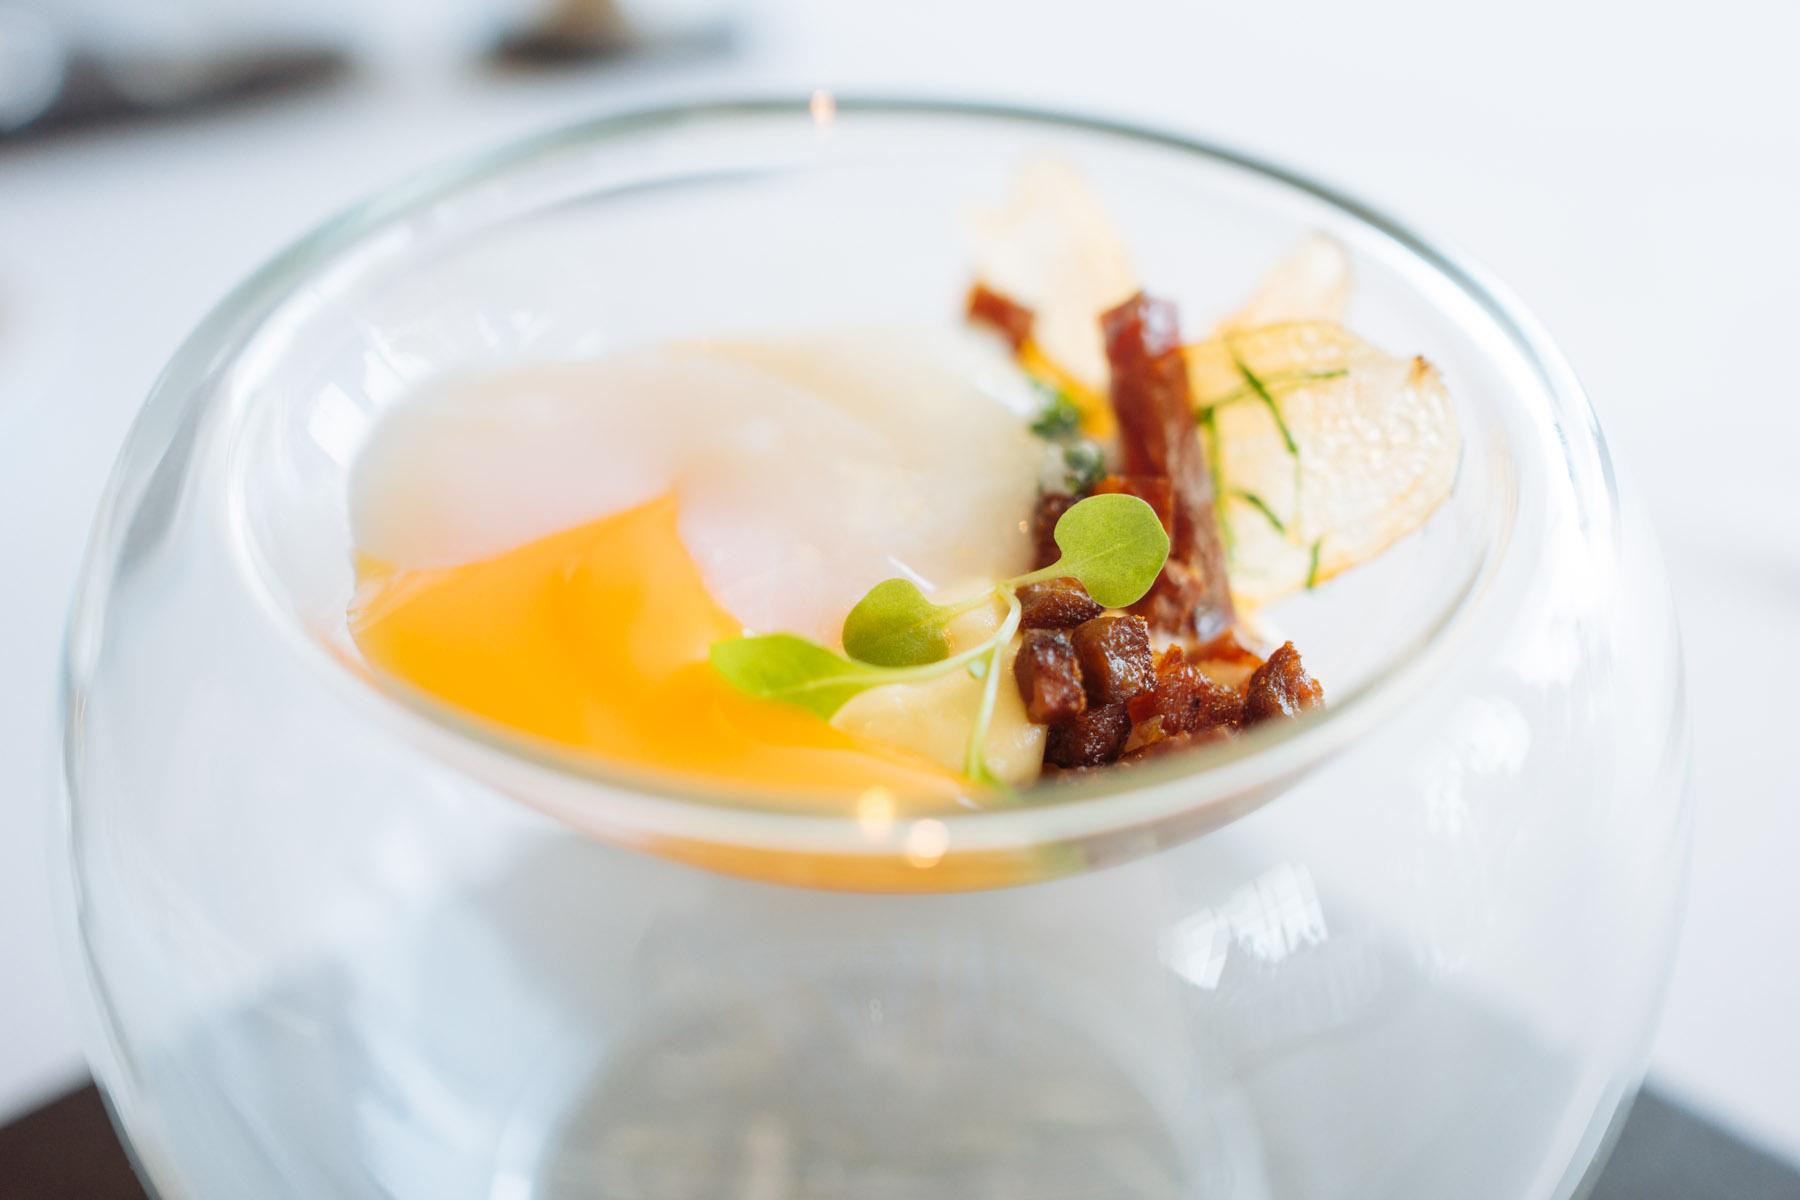 Easter-best-egg-dishes-poached-scrambled-soft-boiled-omelet-fried-deviled-yolks-2